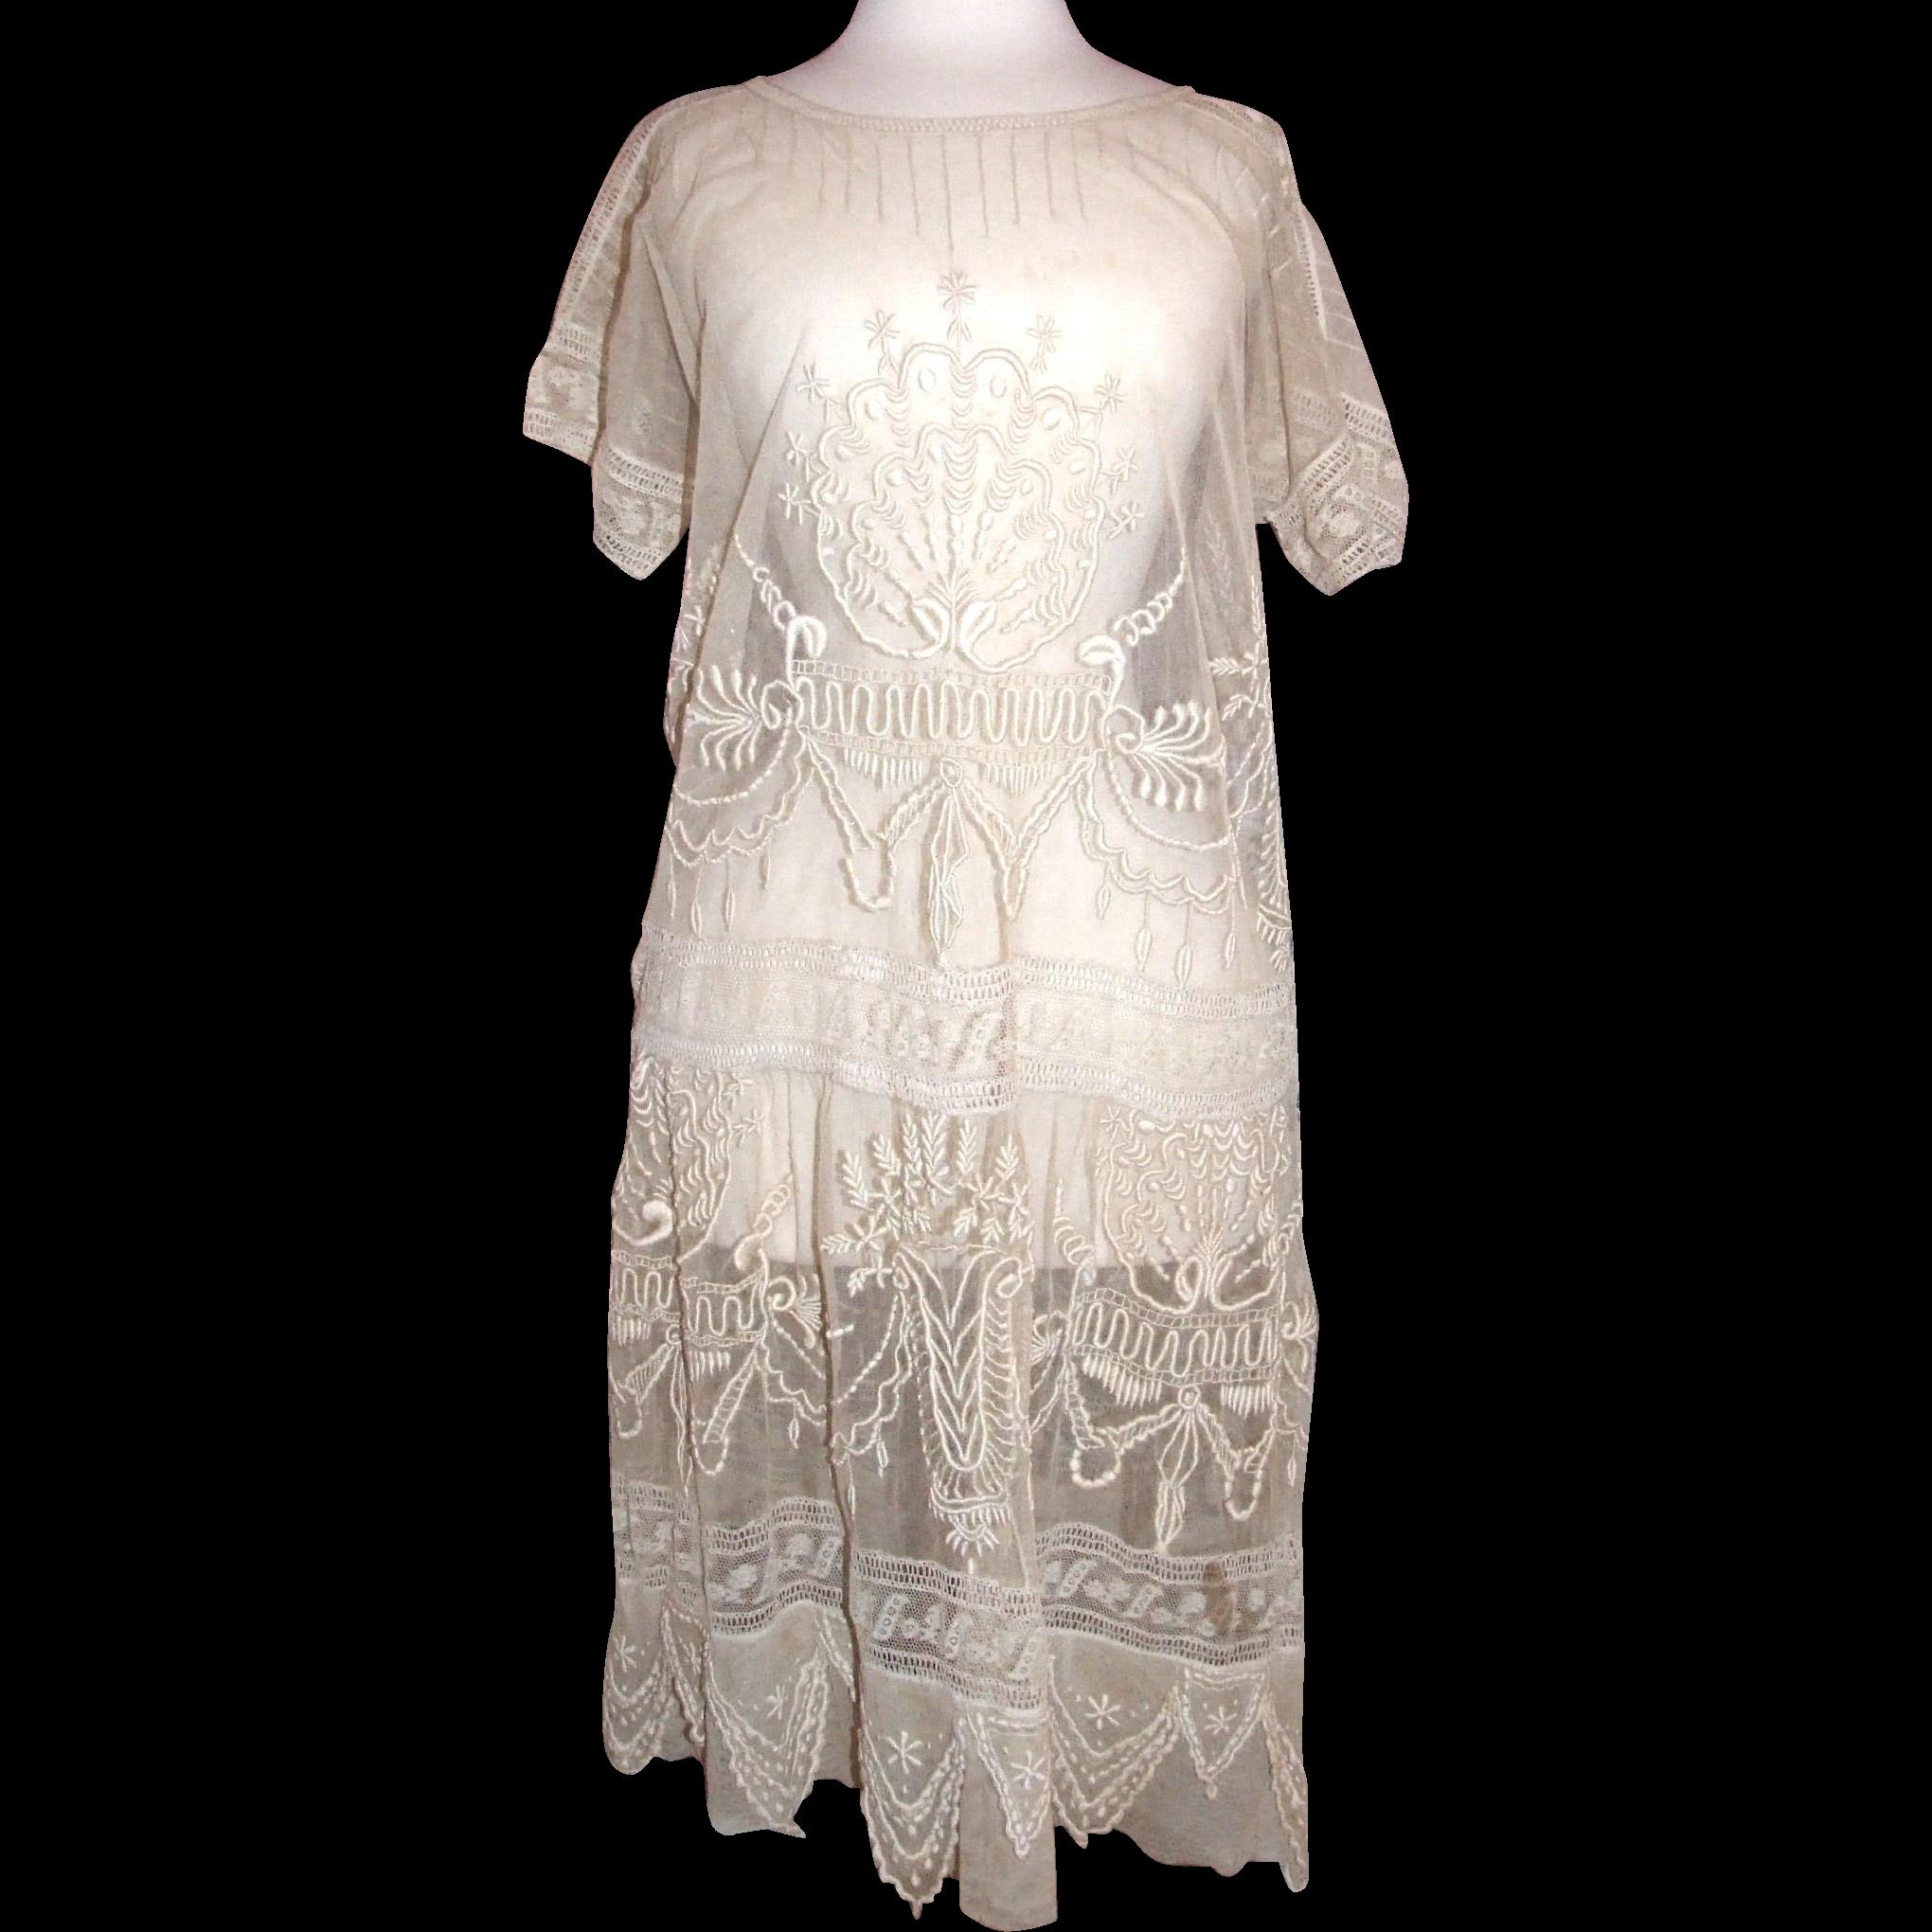 Lovely, Lavish pre 1921 vintage gauze lace dress